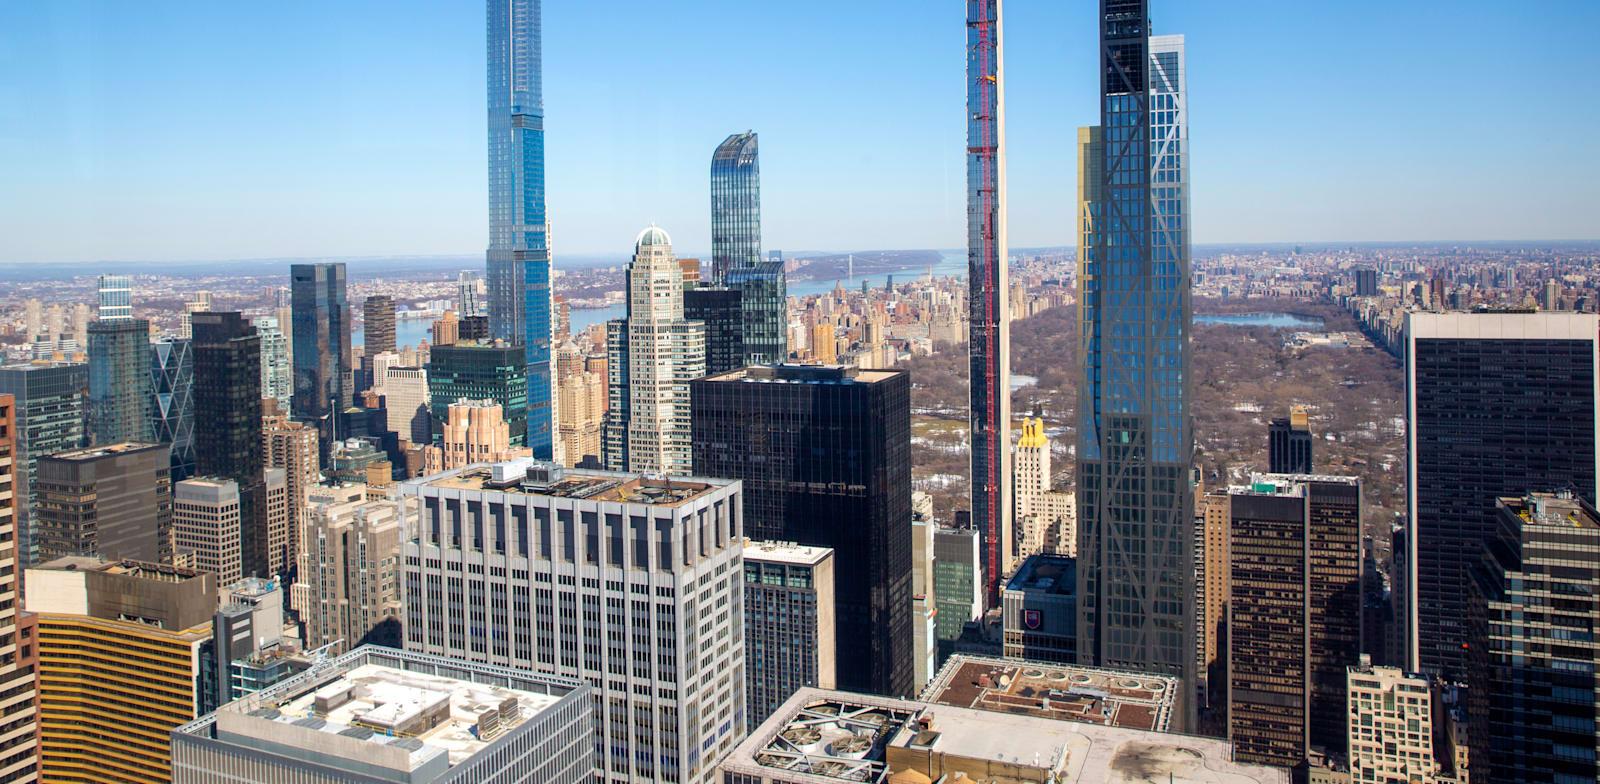 """ניו יורק. """"בריאות דיגיטלית היא אחד הטרנדים המרכזיים כאן"""" / צילום: Associated Press, Ted Shaffrey"""